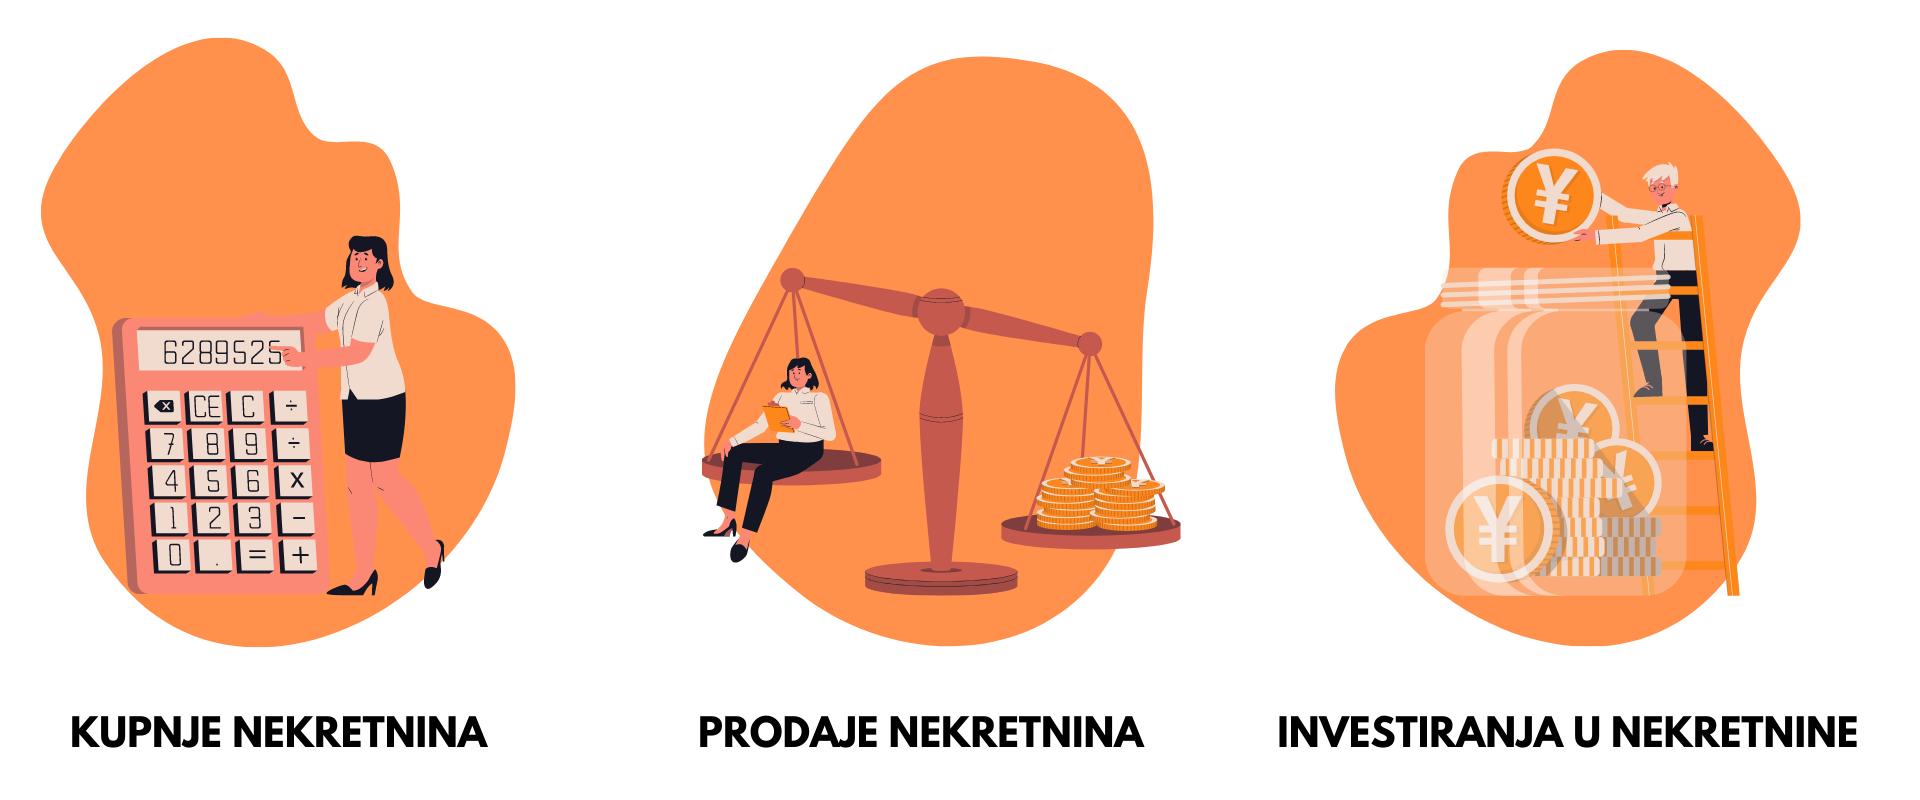 Infografika koja objašnjava kupovinu i prodaju nekretnina u Hrvatskoj.